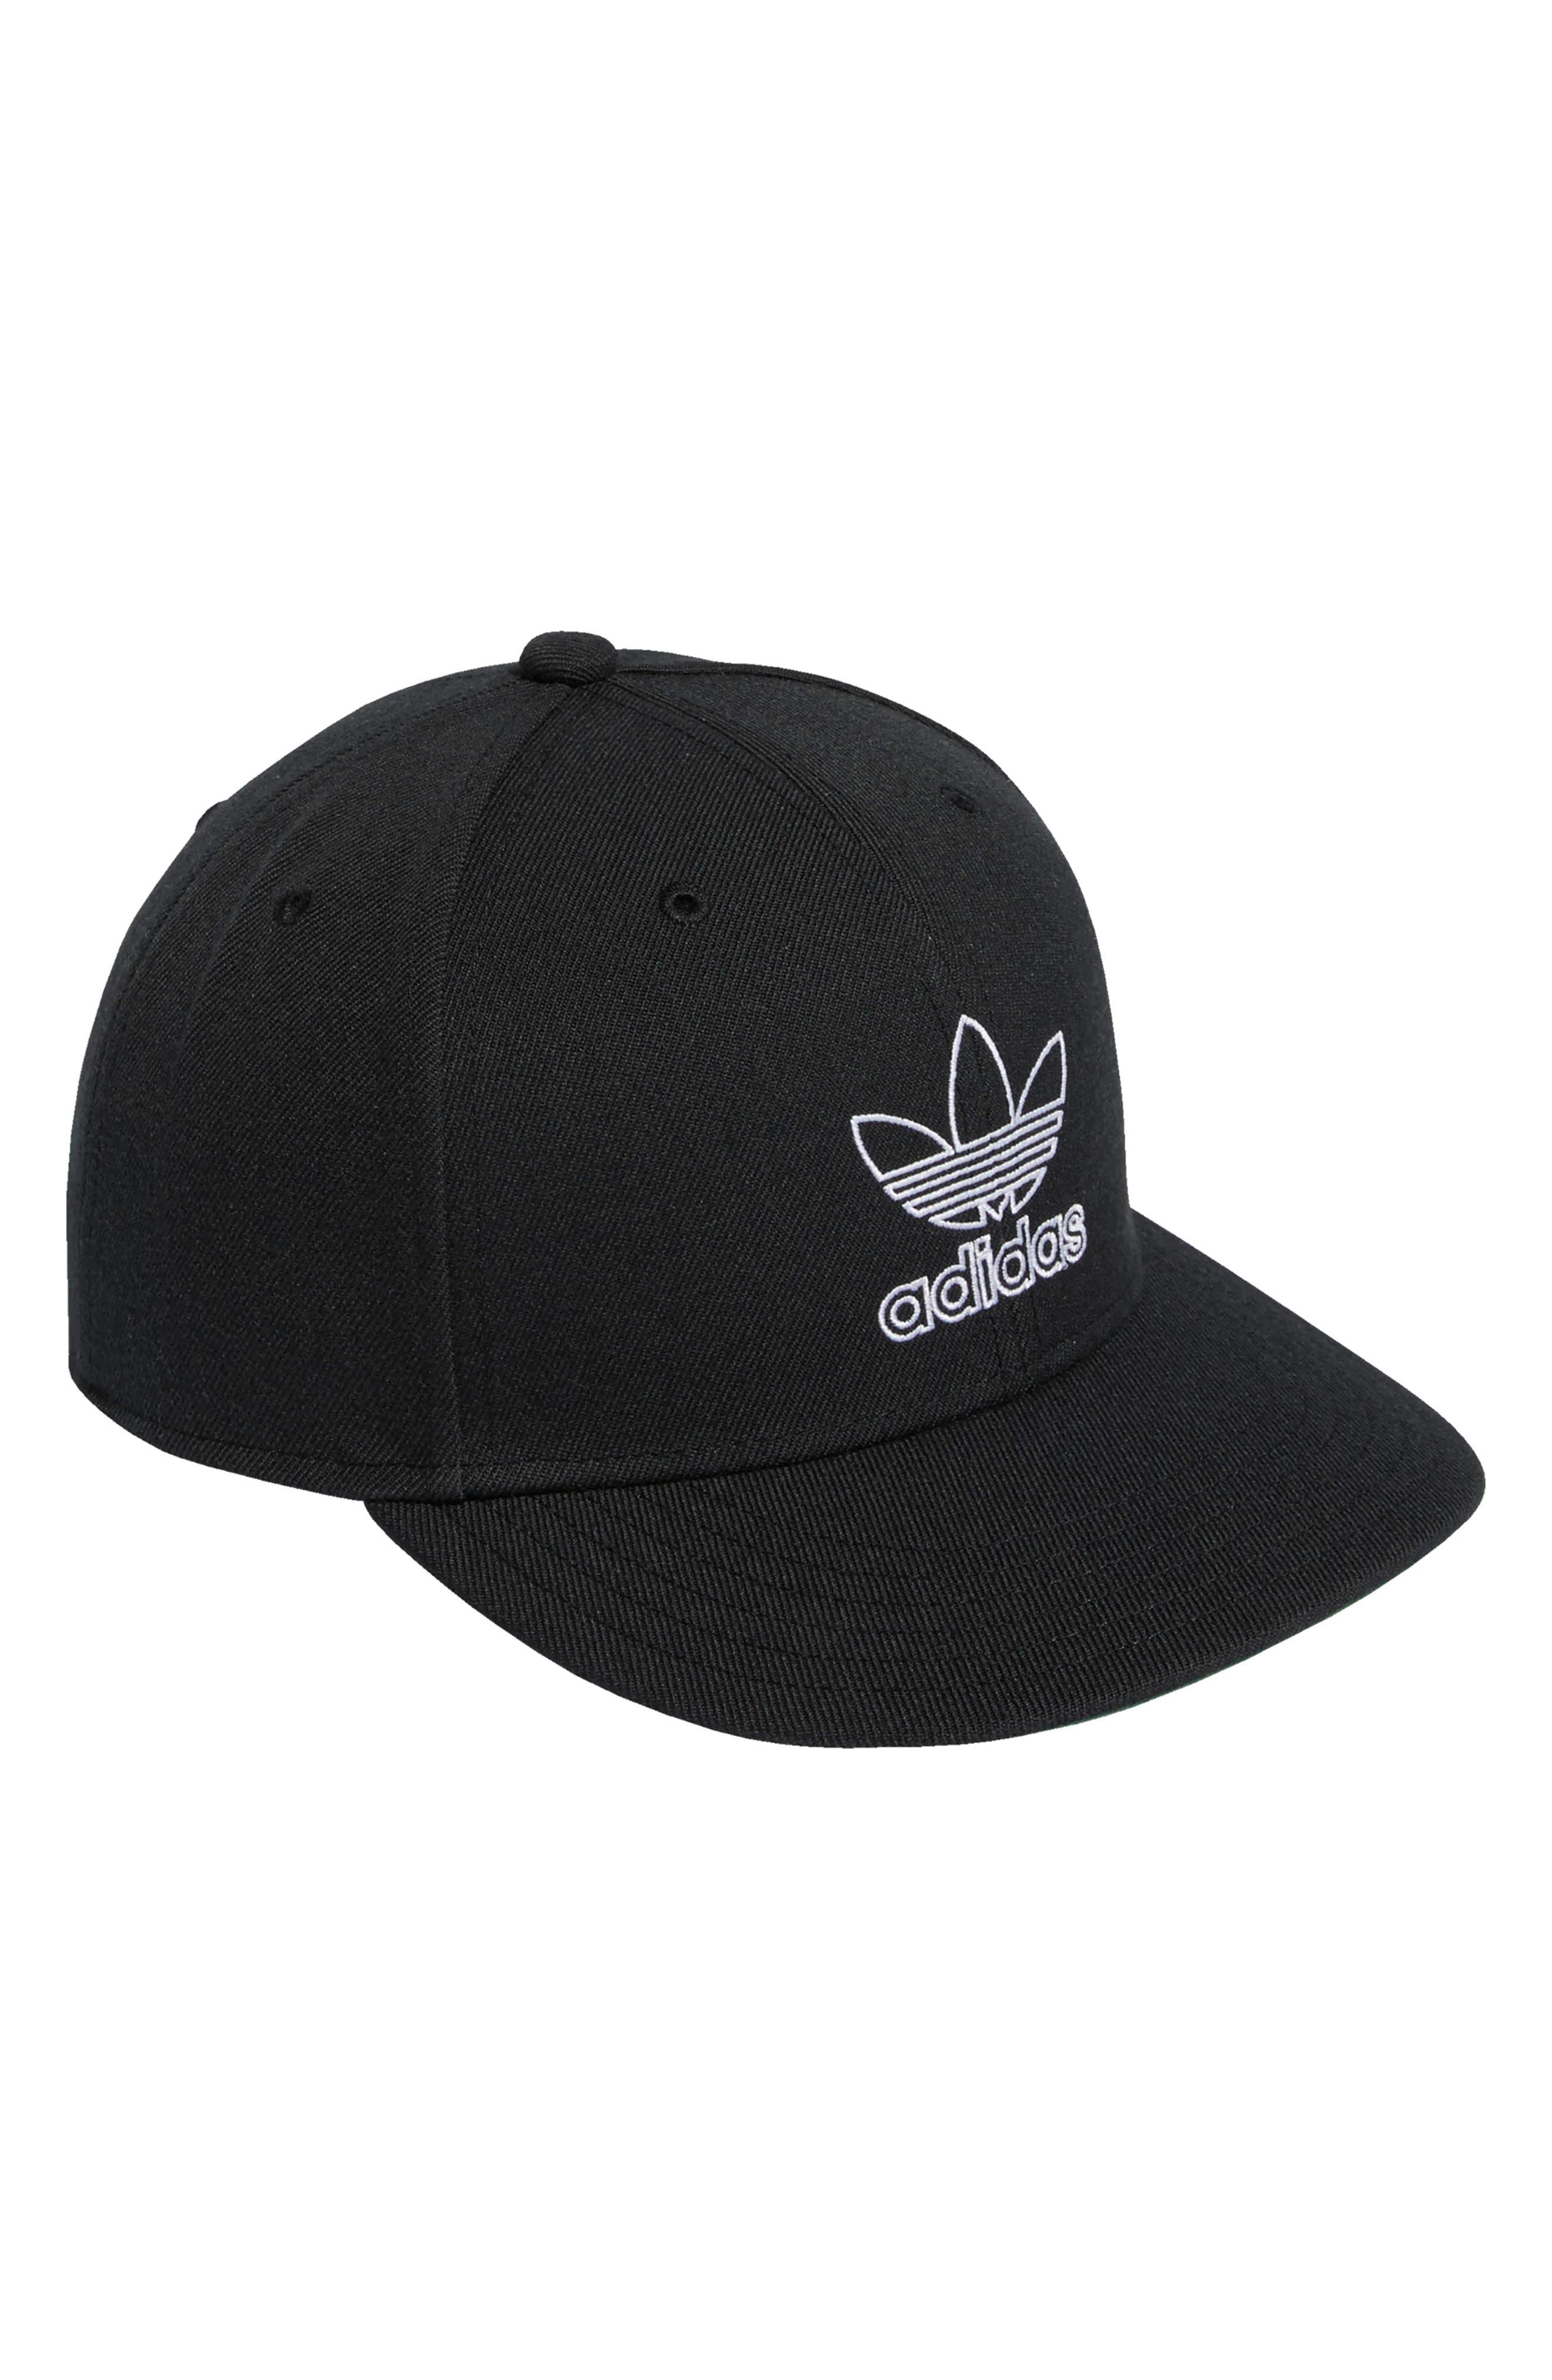 7989df06 Men's Hats, Hats for Men   Nordstrom